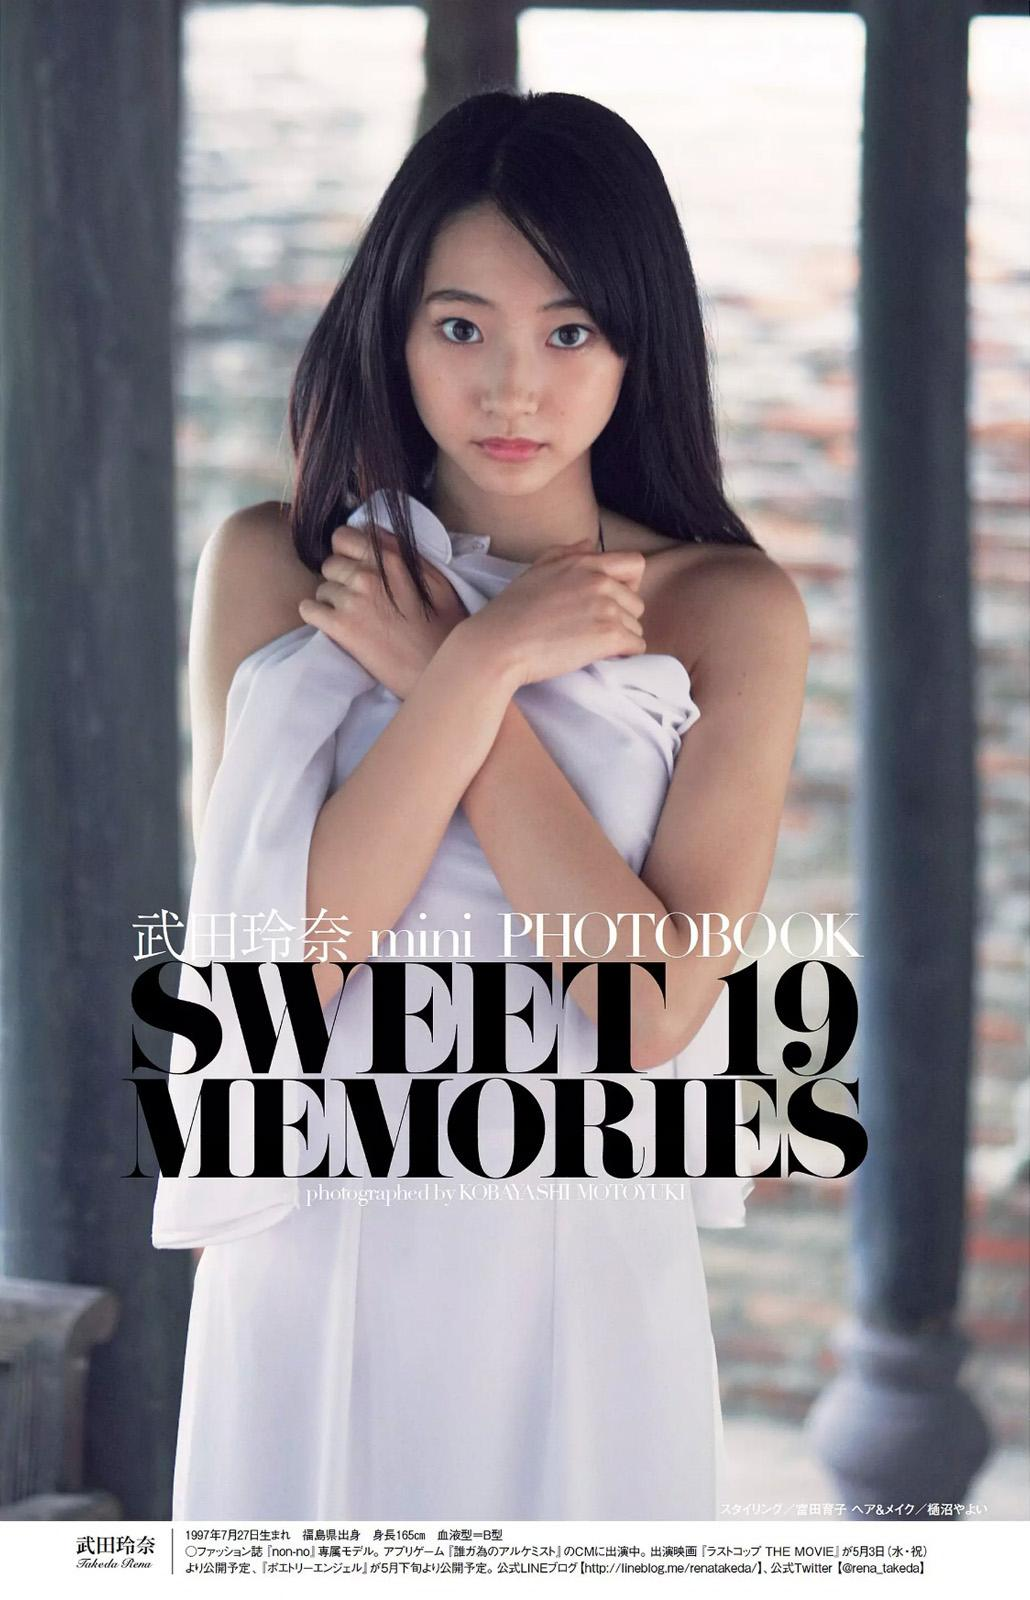 「週刊プレイボーイ 2017 No.12」SWEET 19 MEMORIES mini PHOTOBOOK(武田玲奈の水着グラビア)